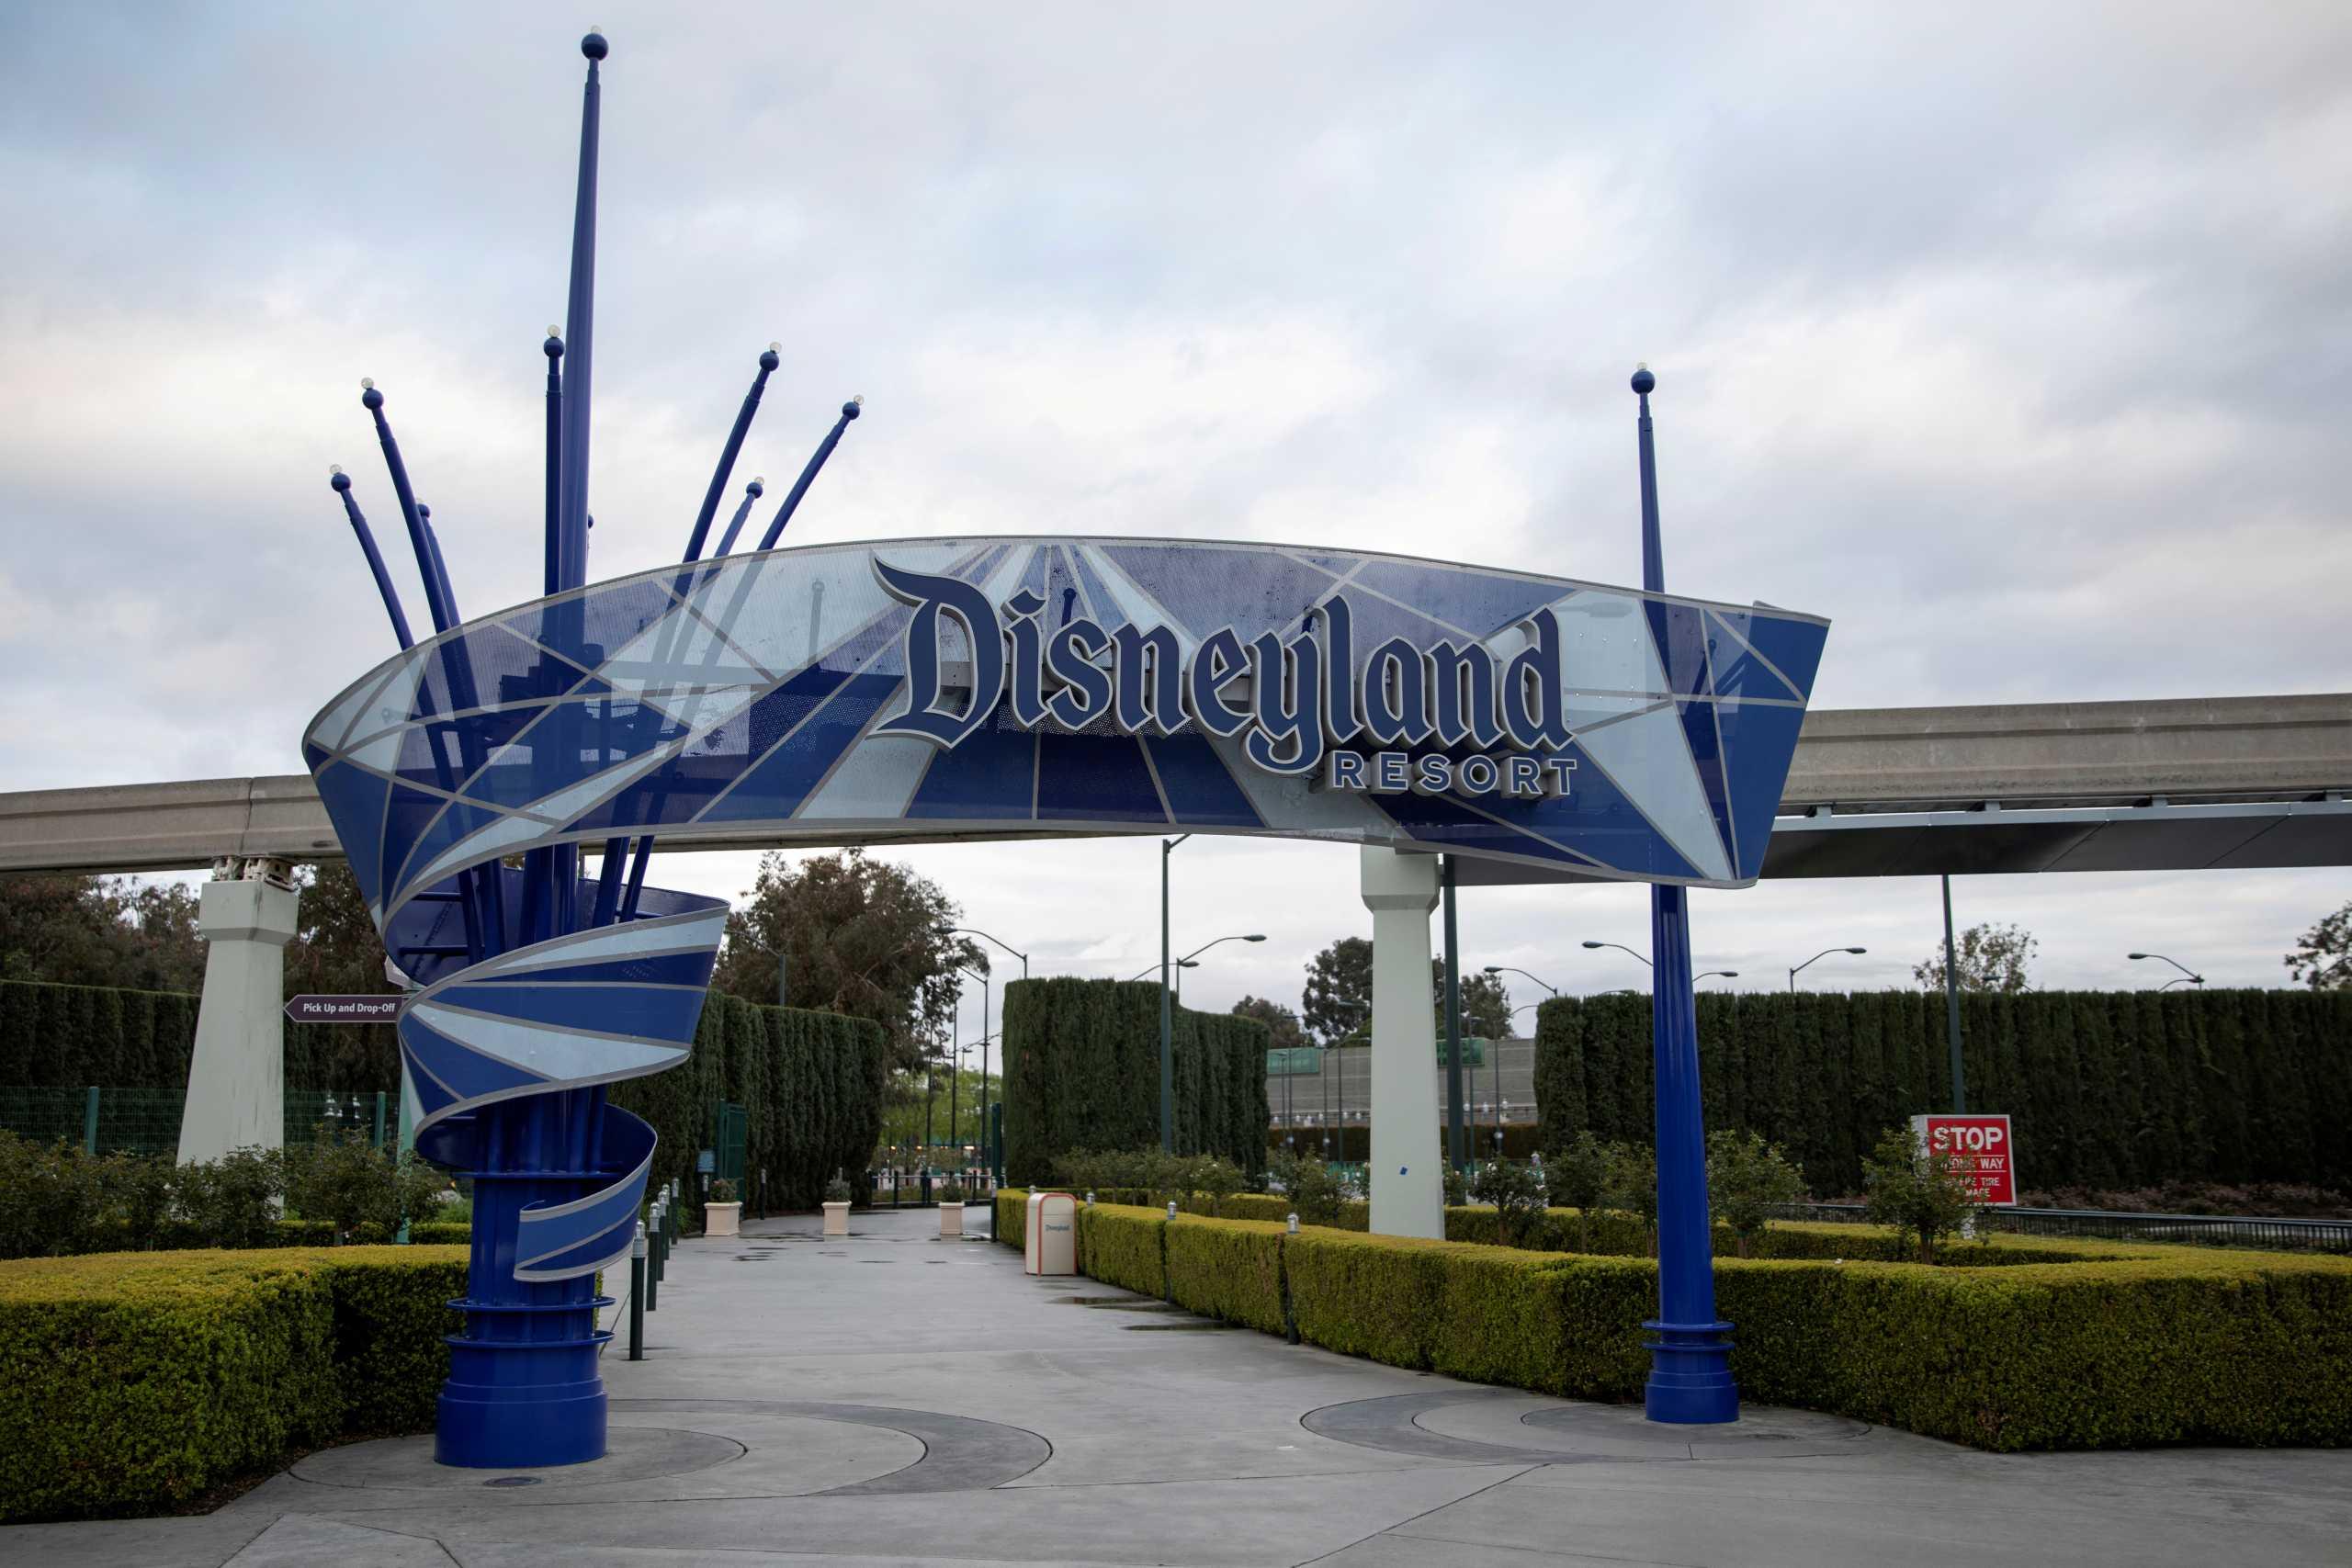 ΗΠΑ: H Disneyland σχεδιάζει να ανοίξει και πάλι για το κοινό έως τα τέλη Απριλίου